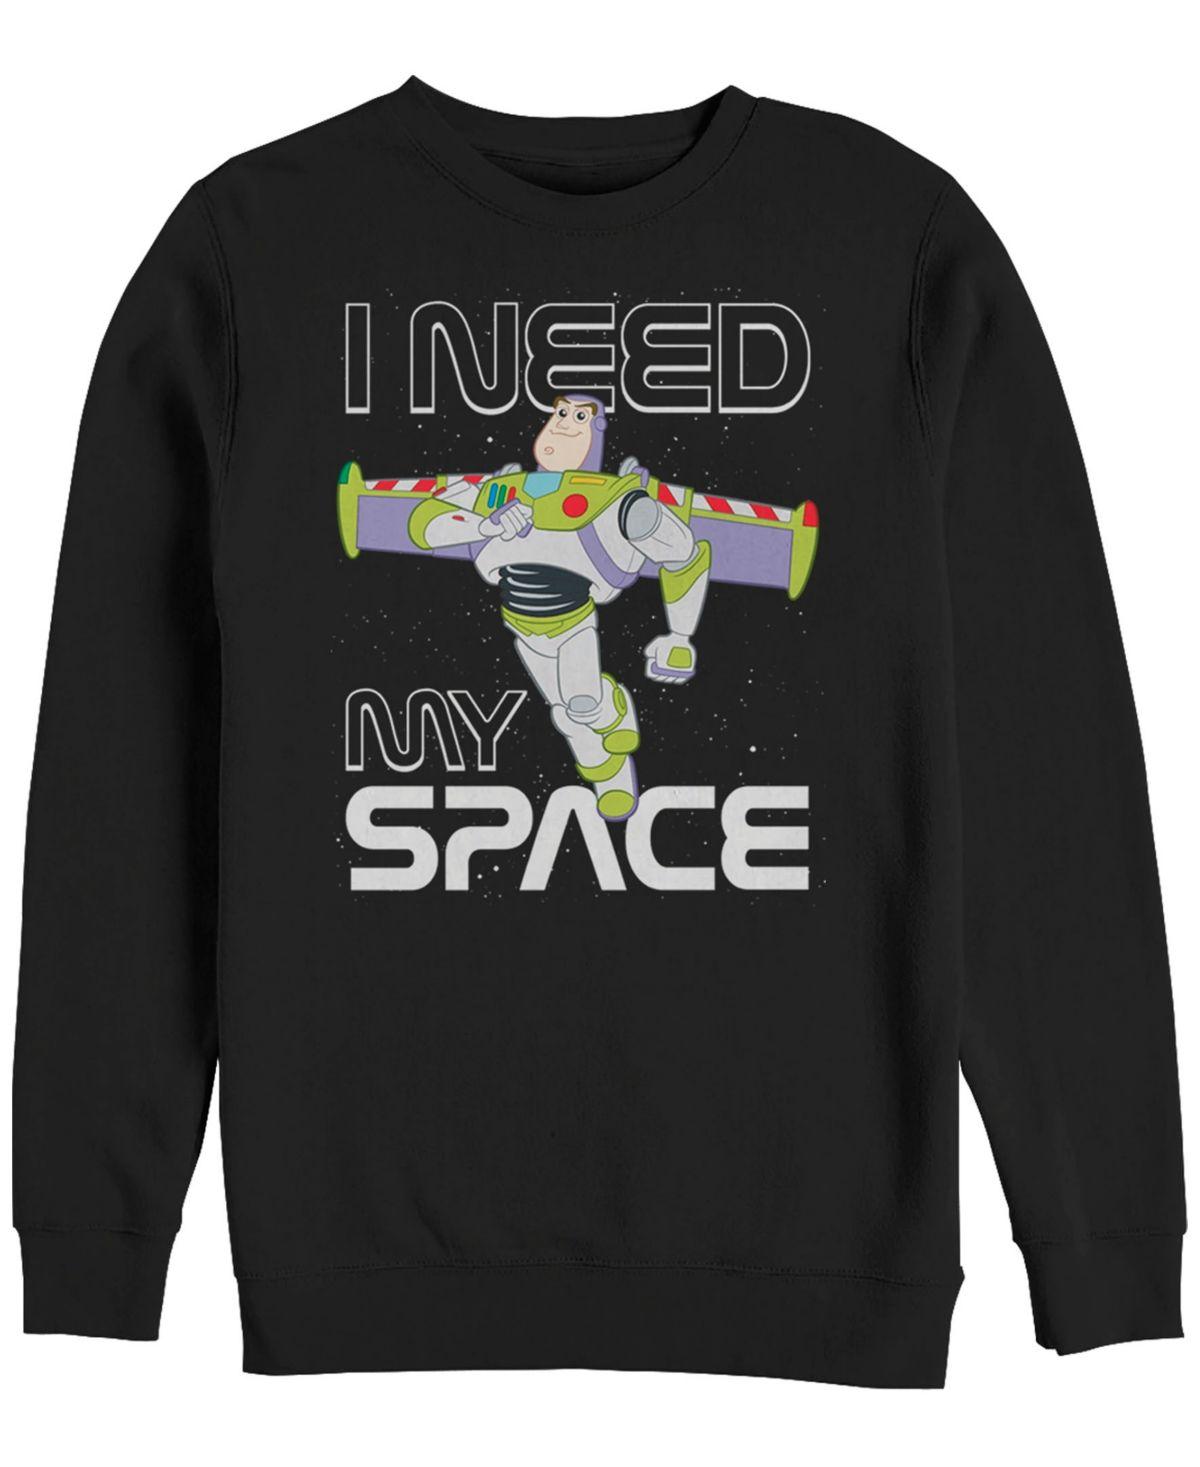 Men/'s Buzz Lightyear Inspired Crewneck Sweatshirt